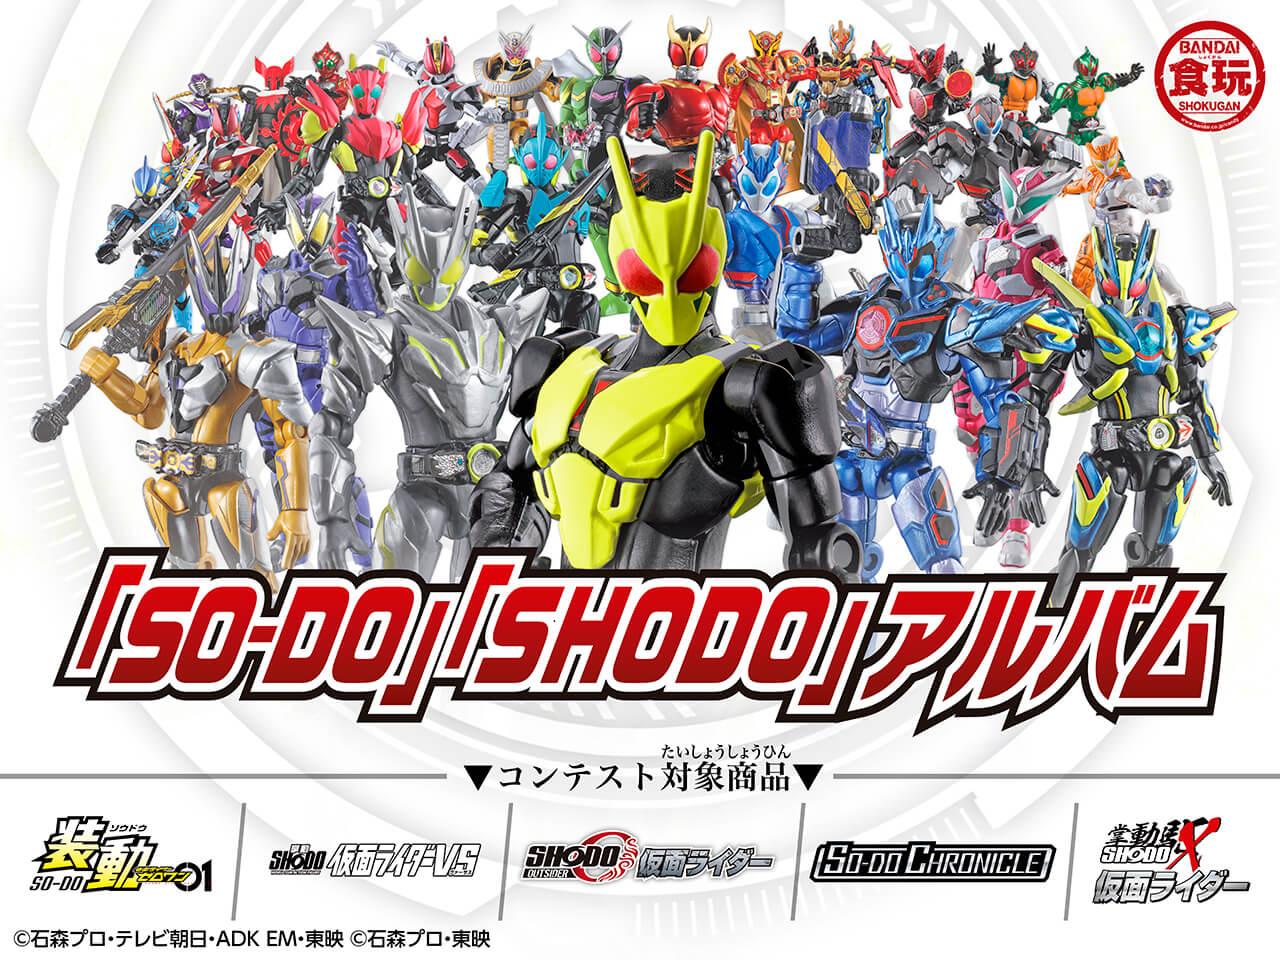 仮面ライダーシリーズ「SO-DO」「SHODO」アルバム